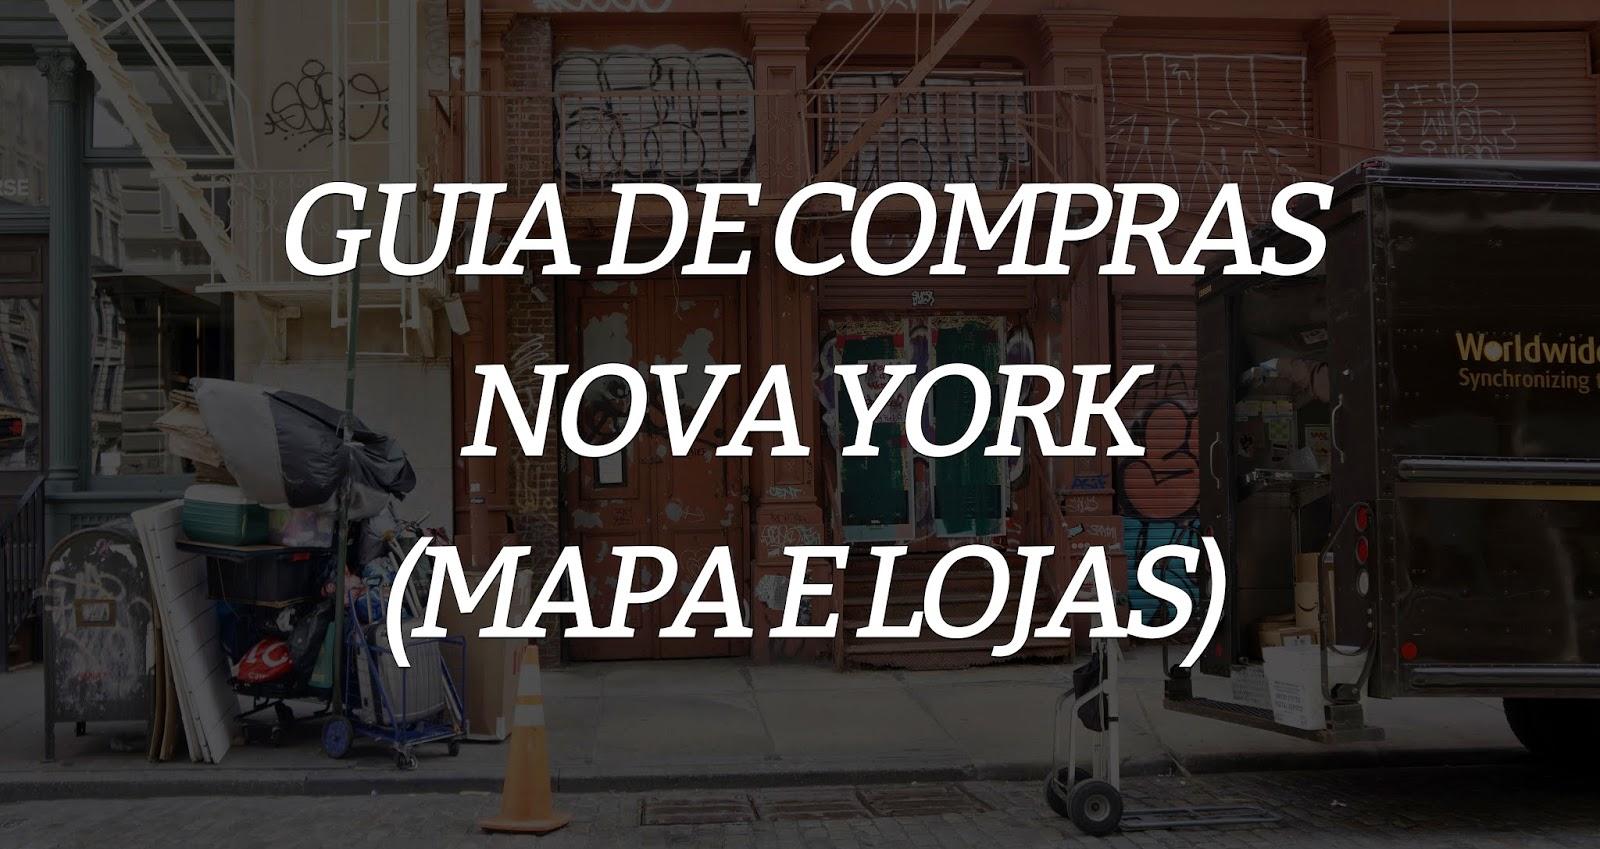 compras ny 3 - Guia de compras: Nova Iorque (Mapa e lojas)